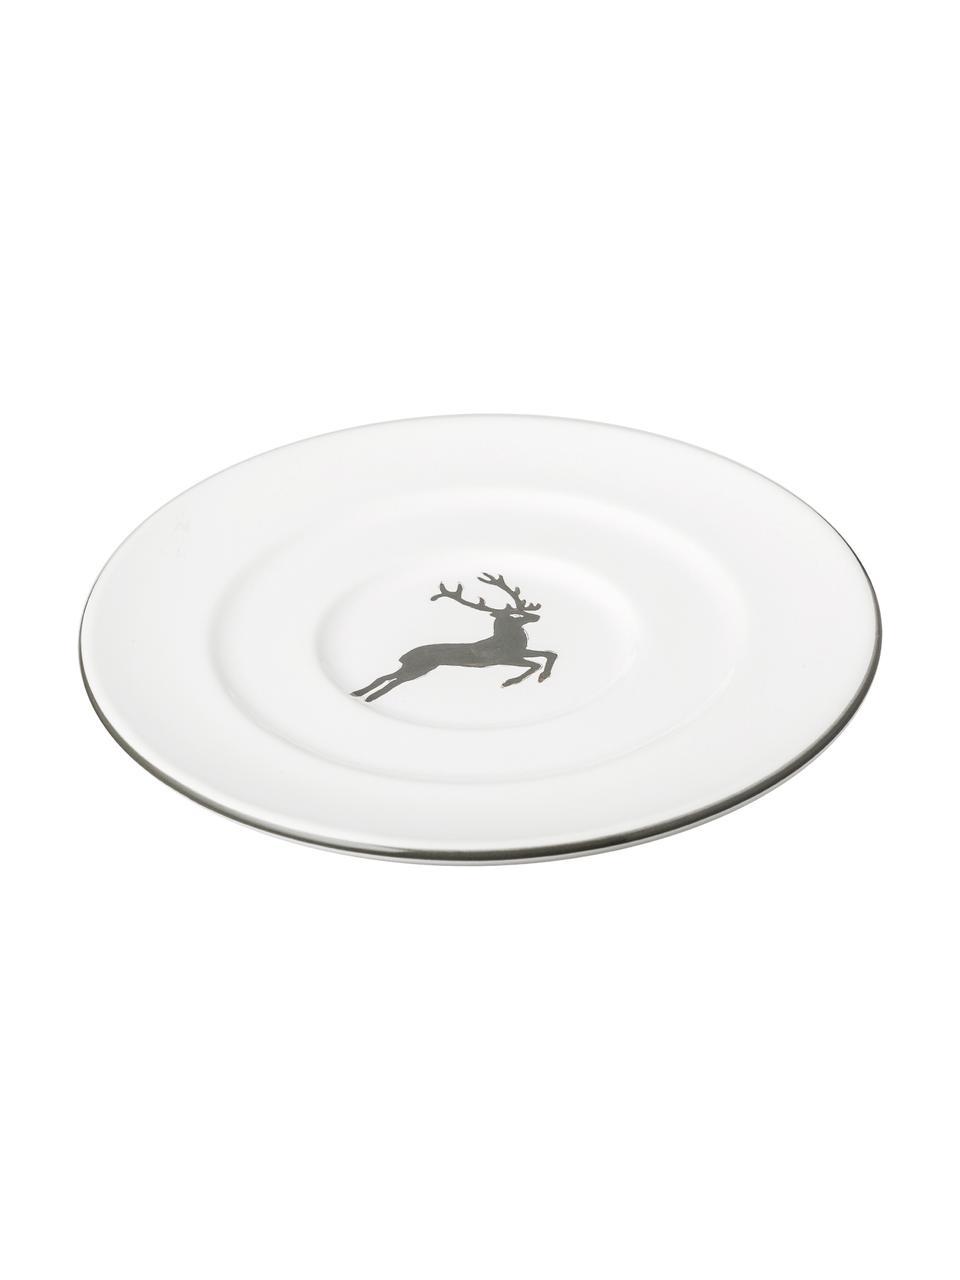 Handbemalte Untertasse Gourmet Grauer Hirsch, Keramik, Grau,Weiß, Ø 16 cm